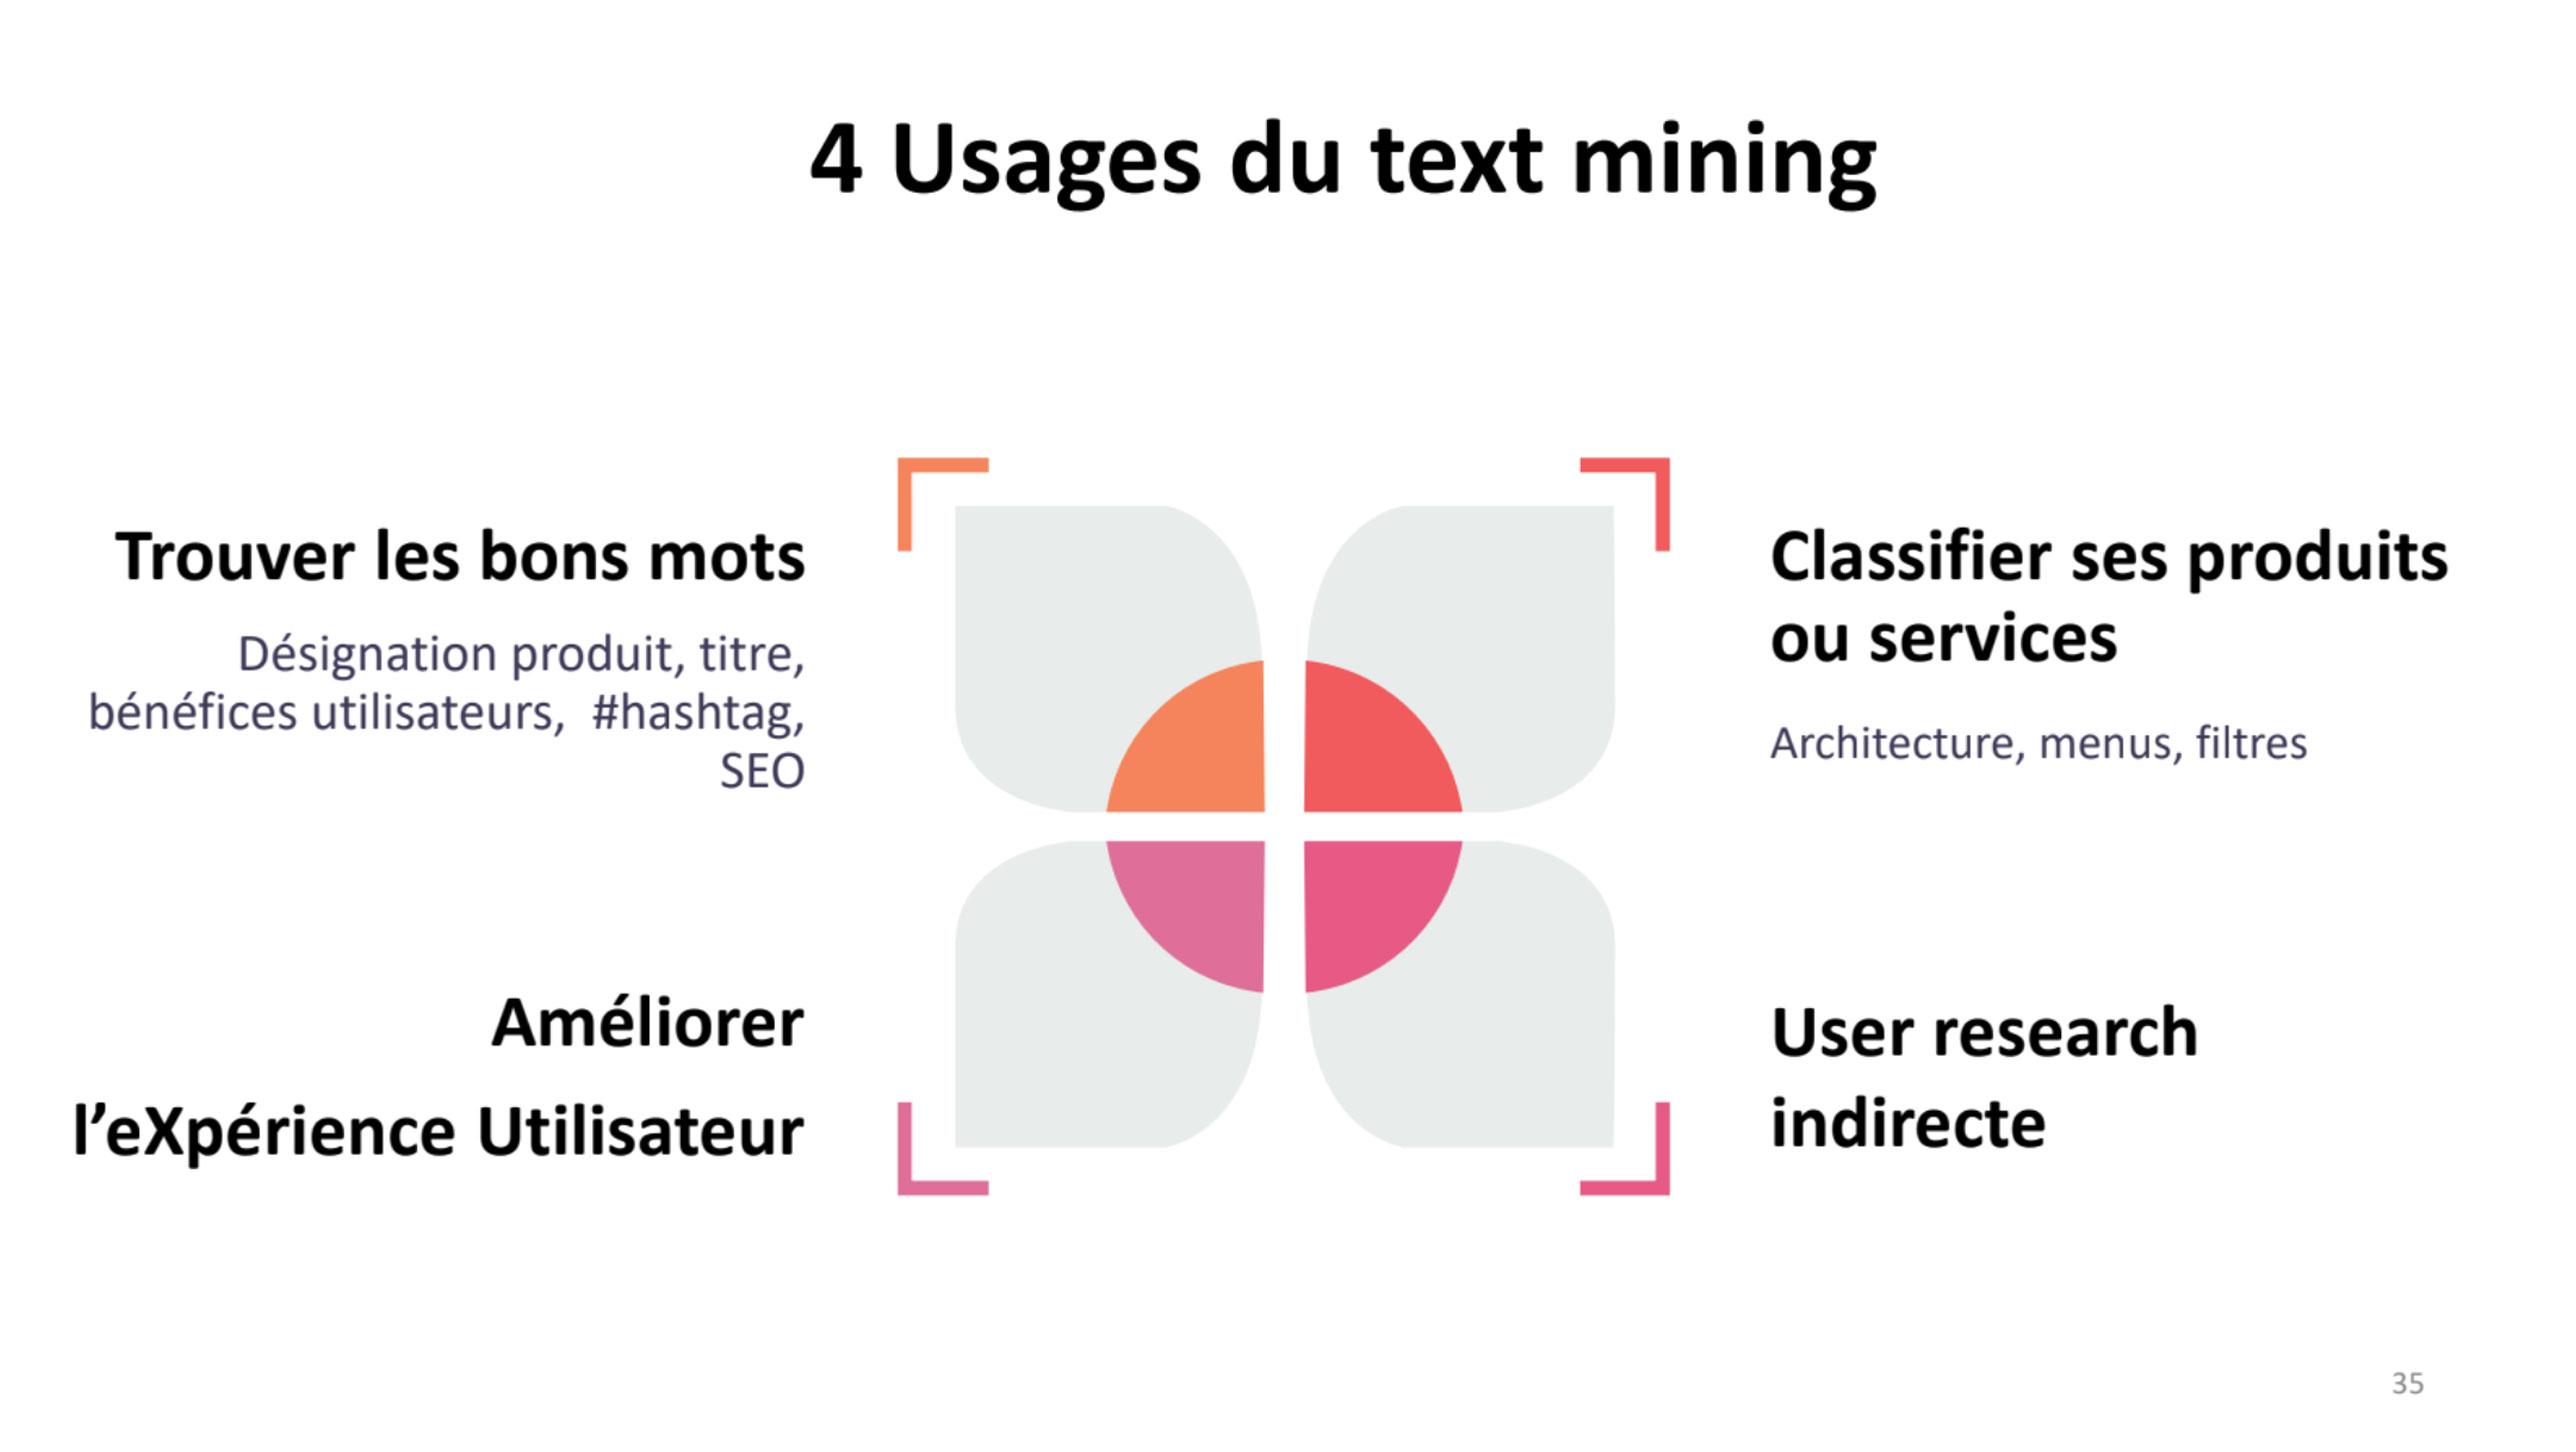 4 usages du text mining expliqués plus bas